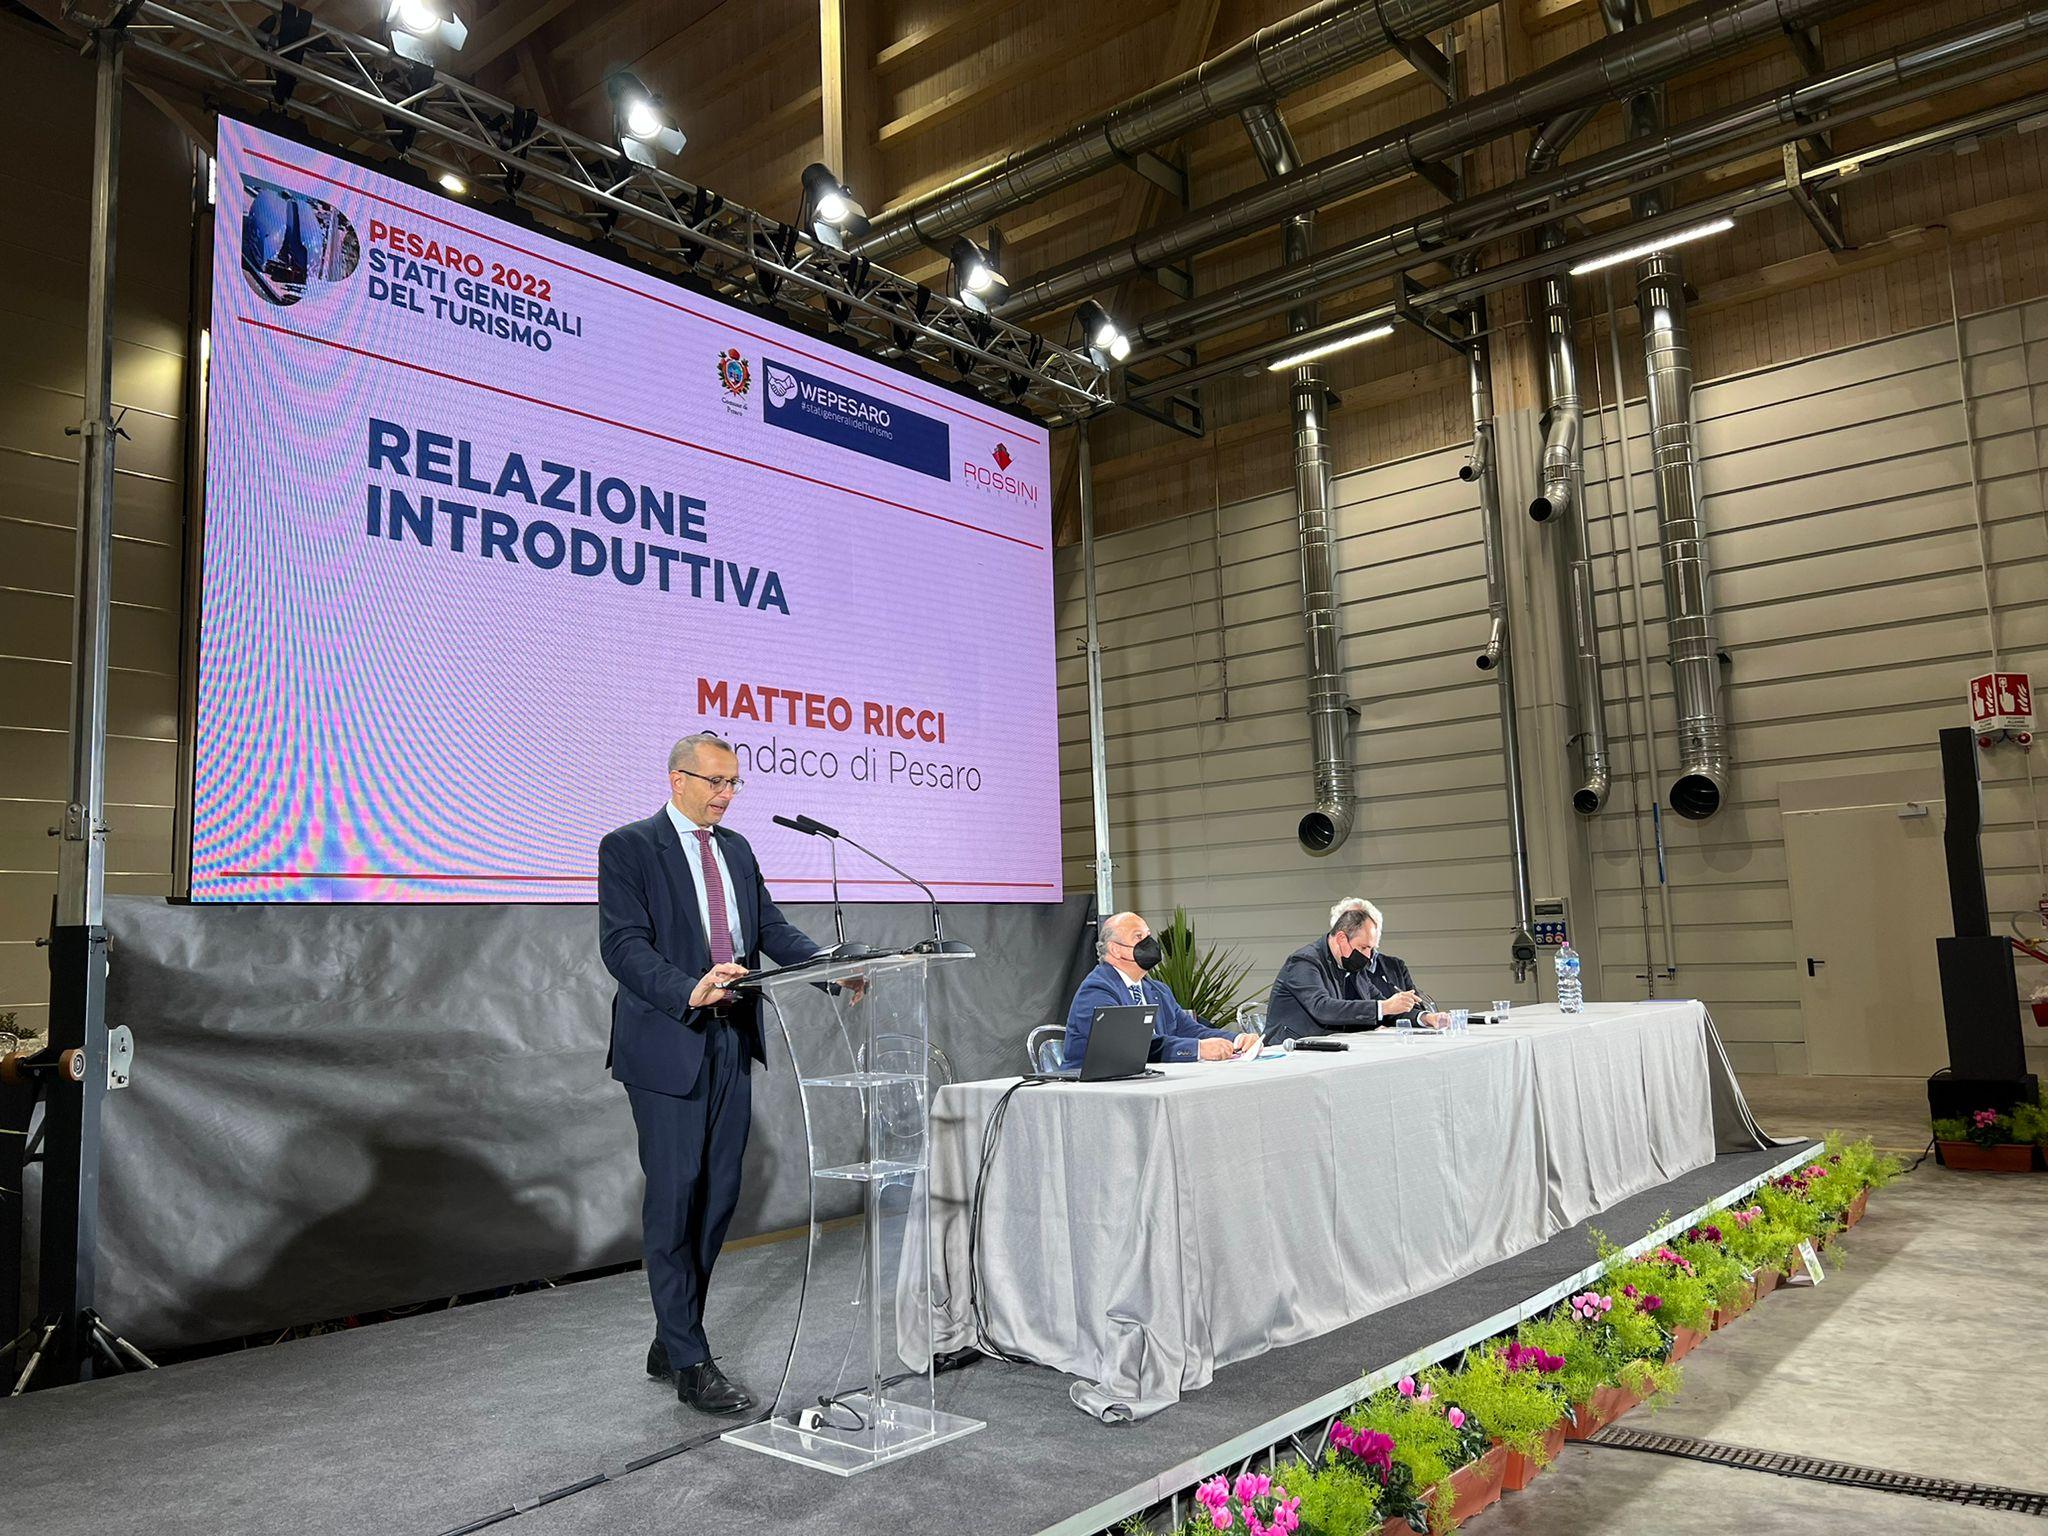 Ricci sul palco degli Stati Generali del Turismo 2022